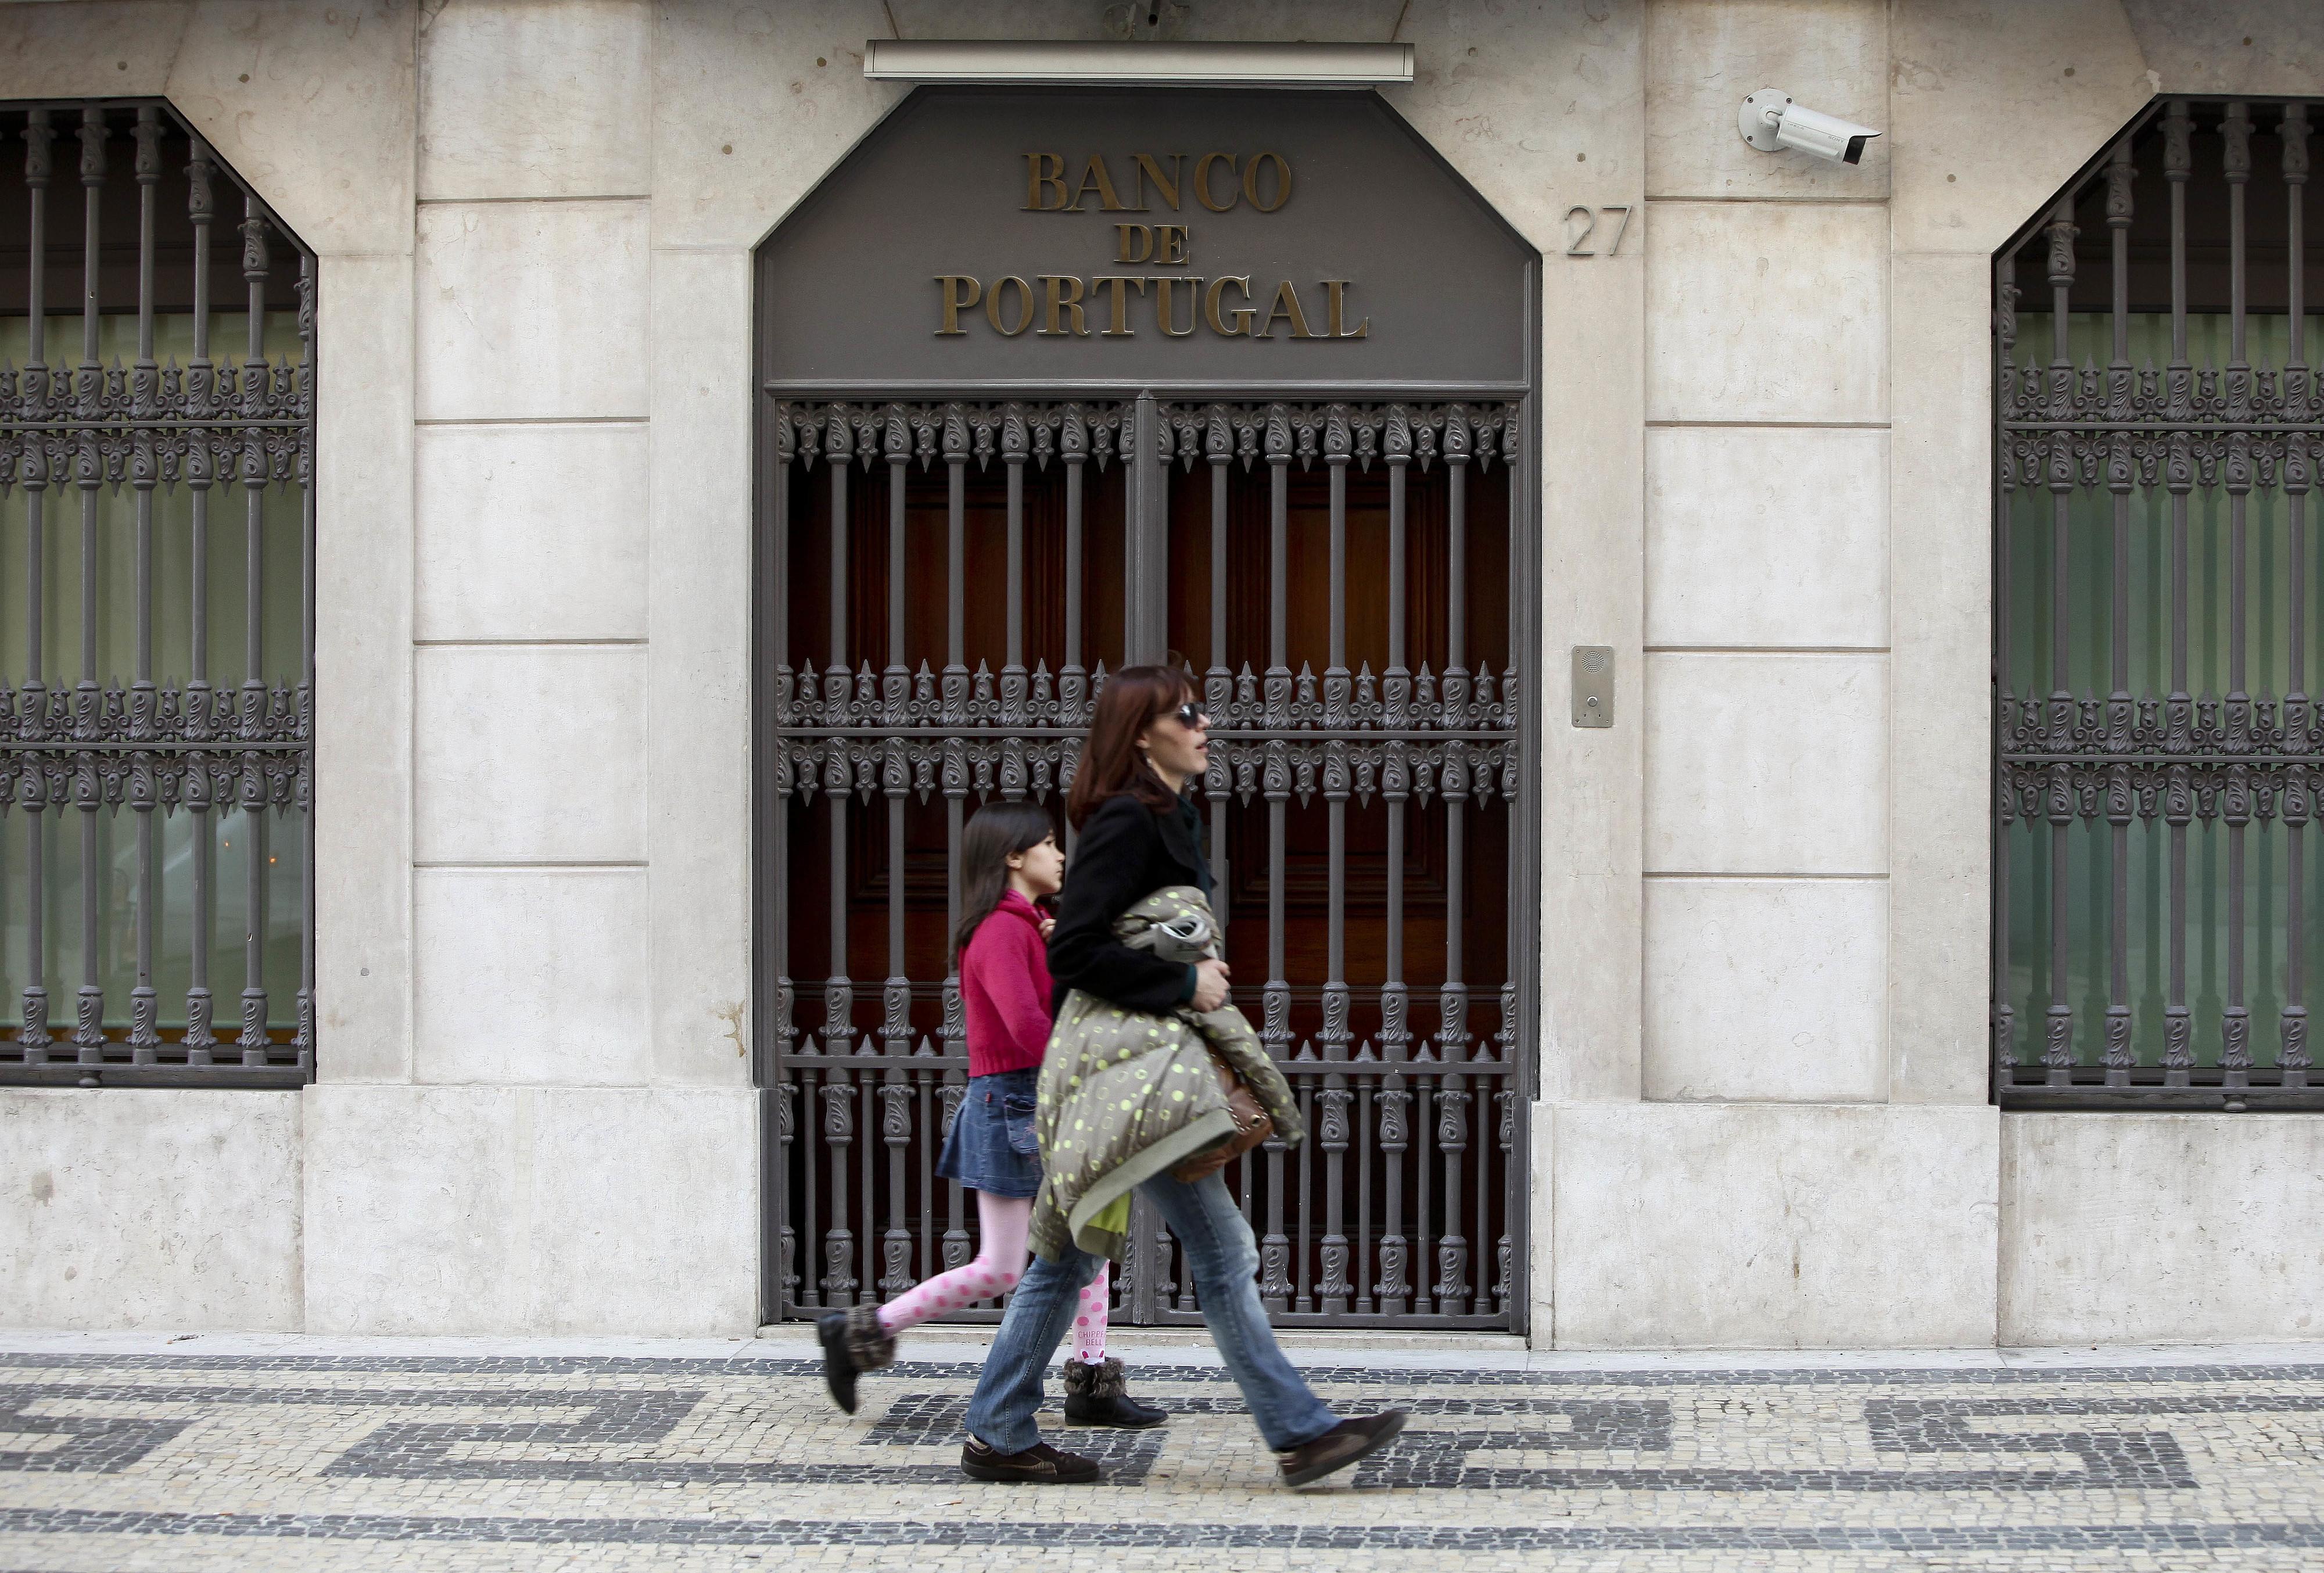 Banco de Portugal recusa que bancos cobrem comissões variáveis sobre depósitos a grandes empresas